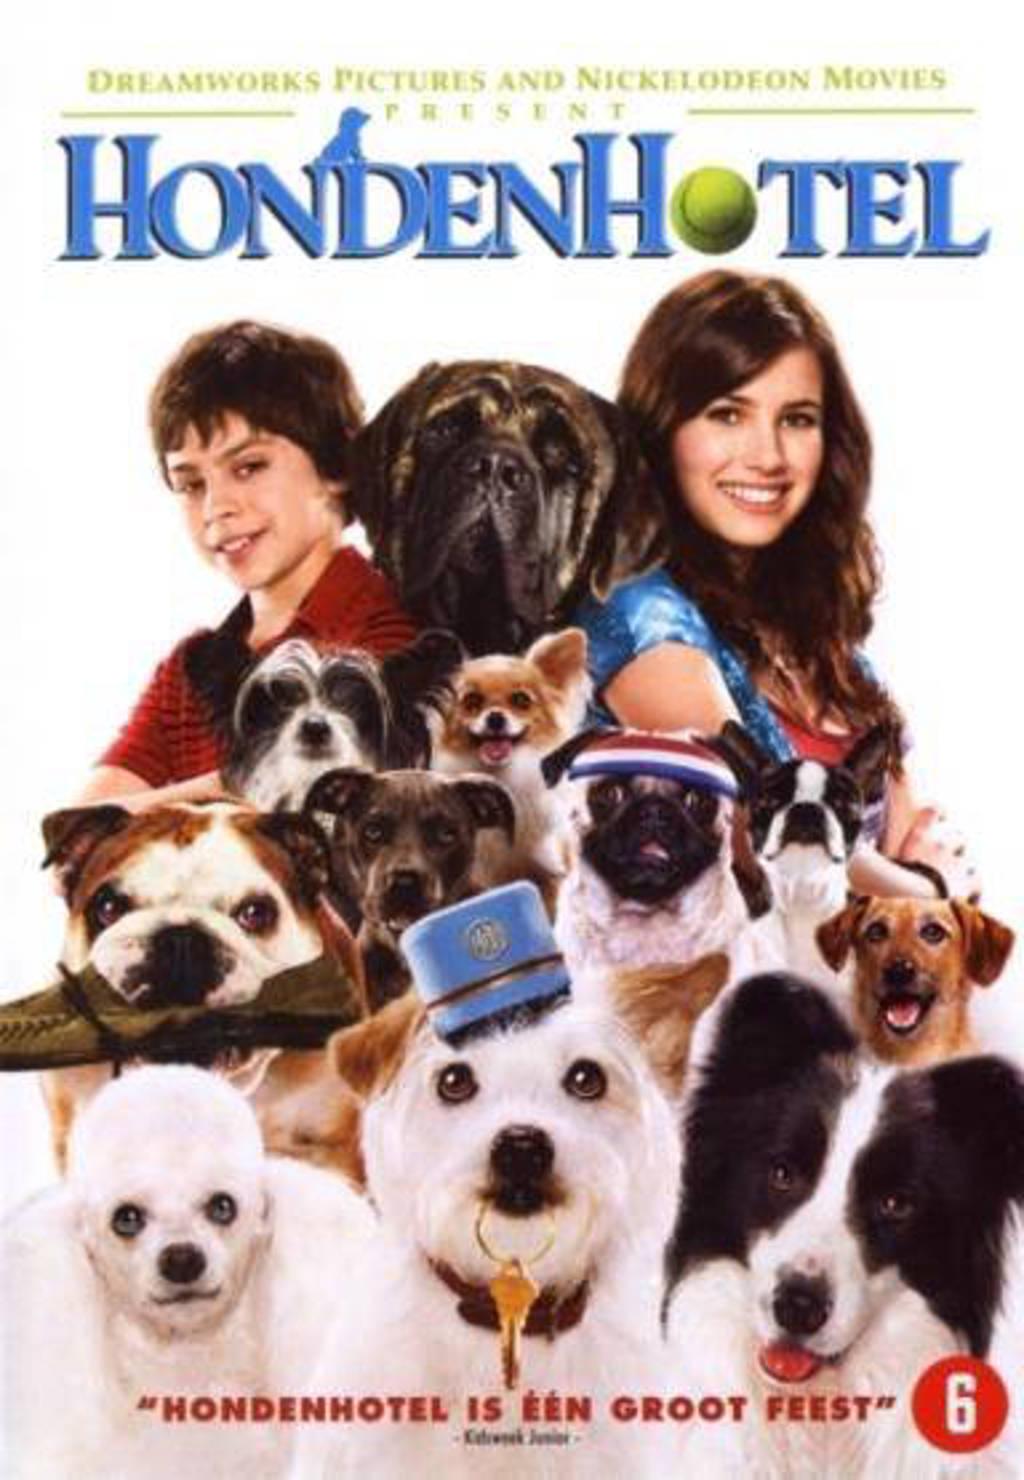 Hondenhotel (Hotel for dogs) (DVD)